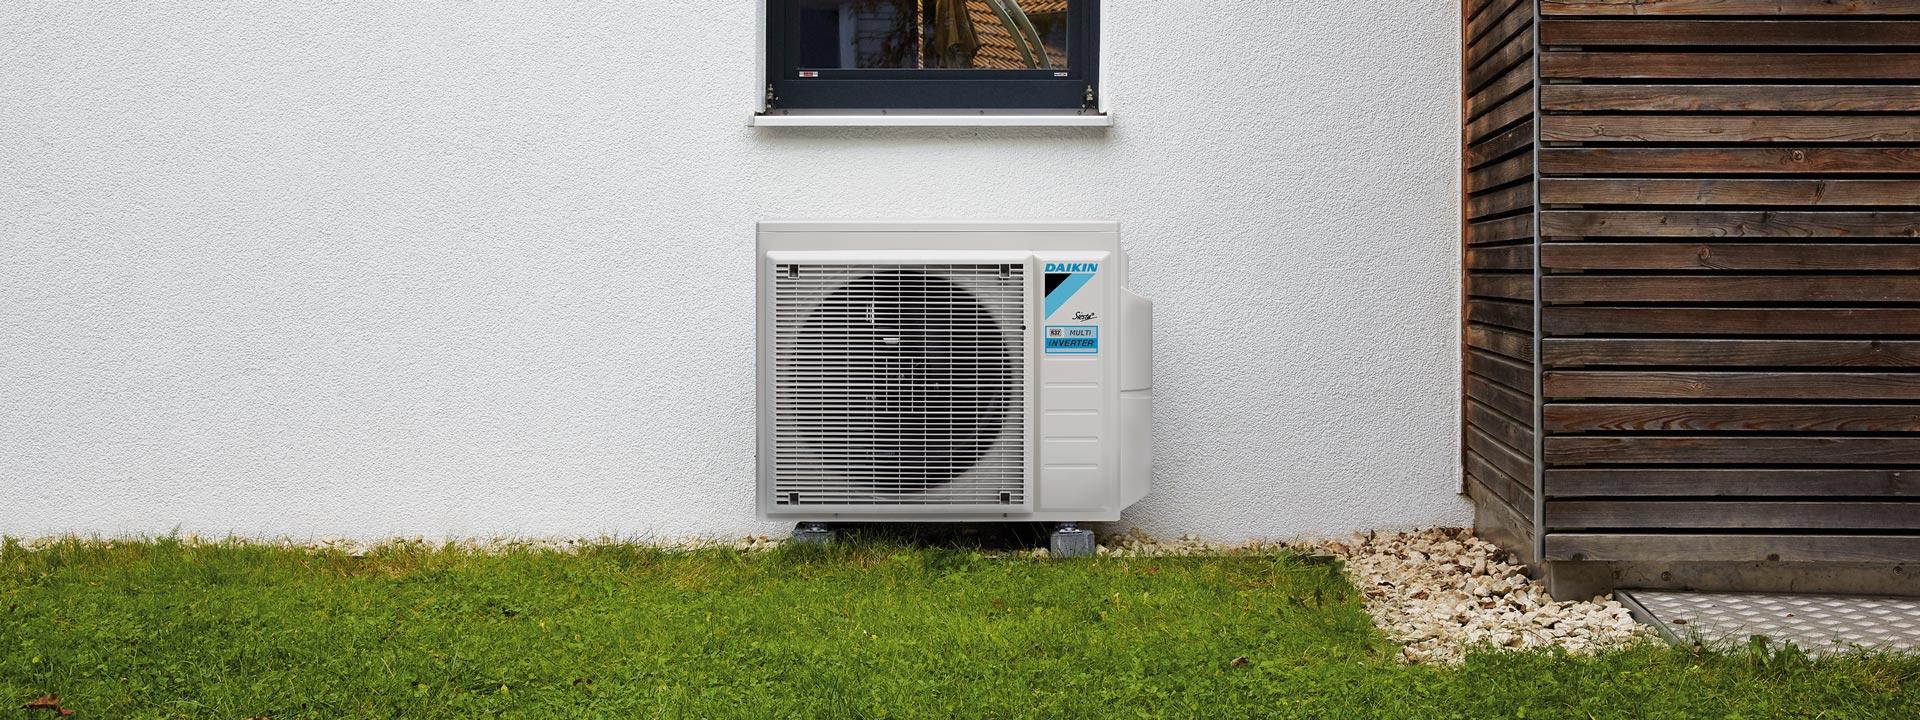 Außengerät für Klimaanlage - Aumer in Kirchroth